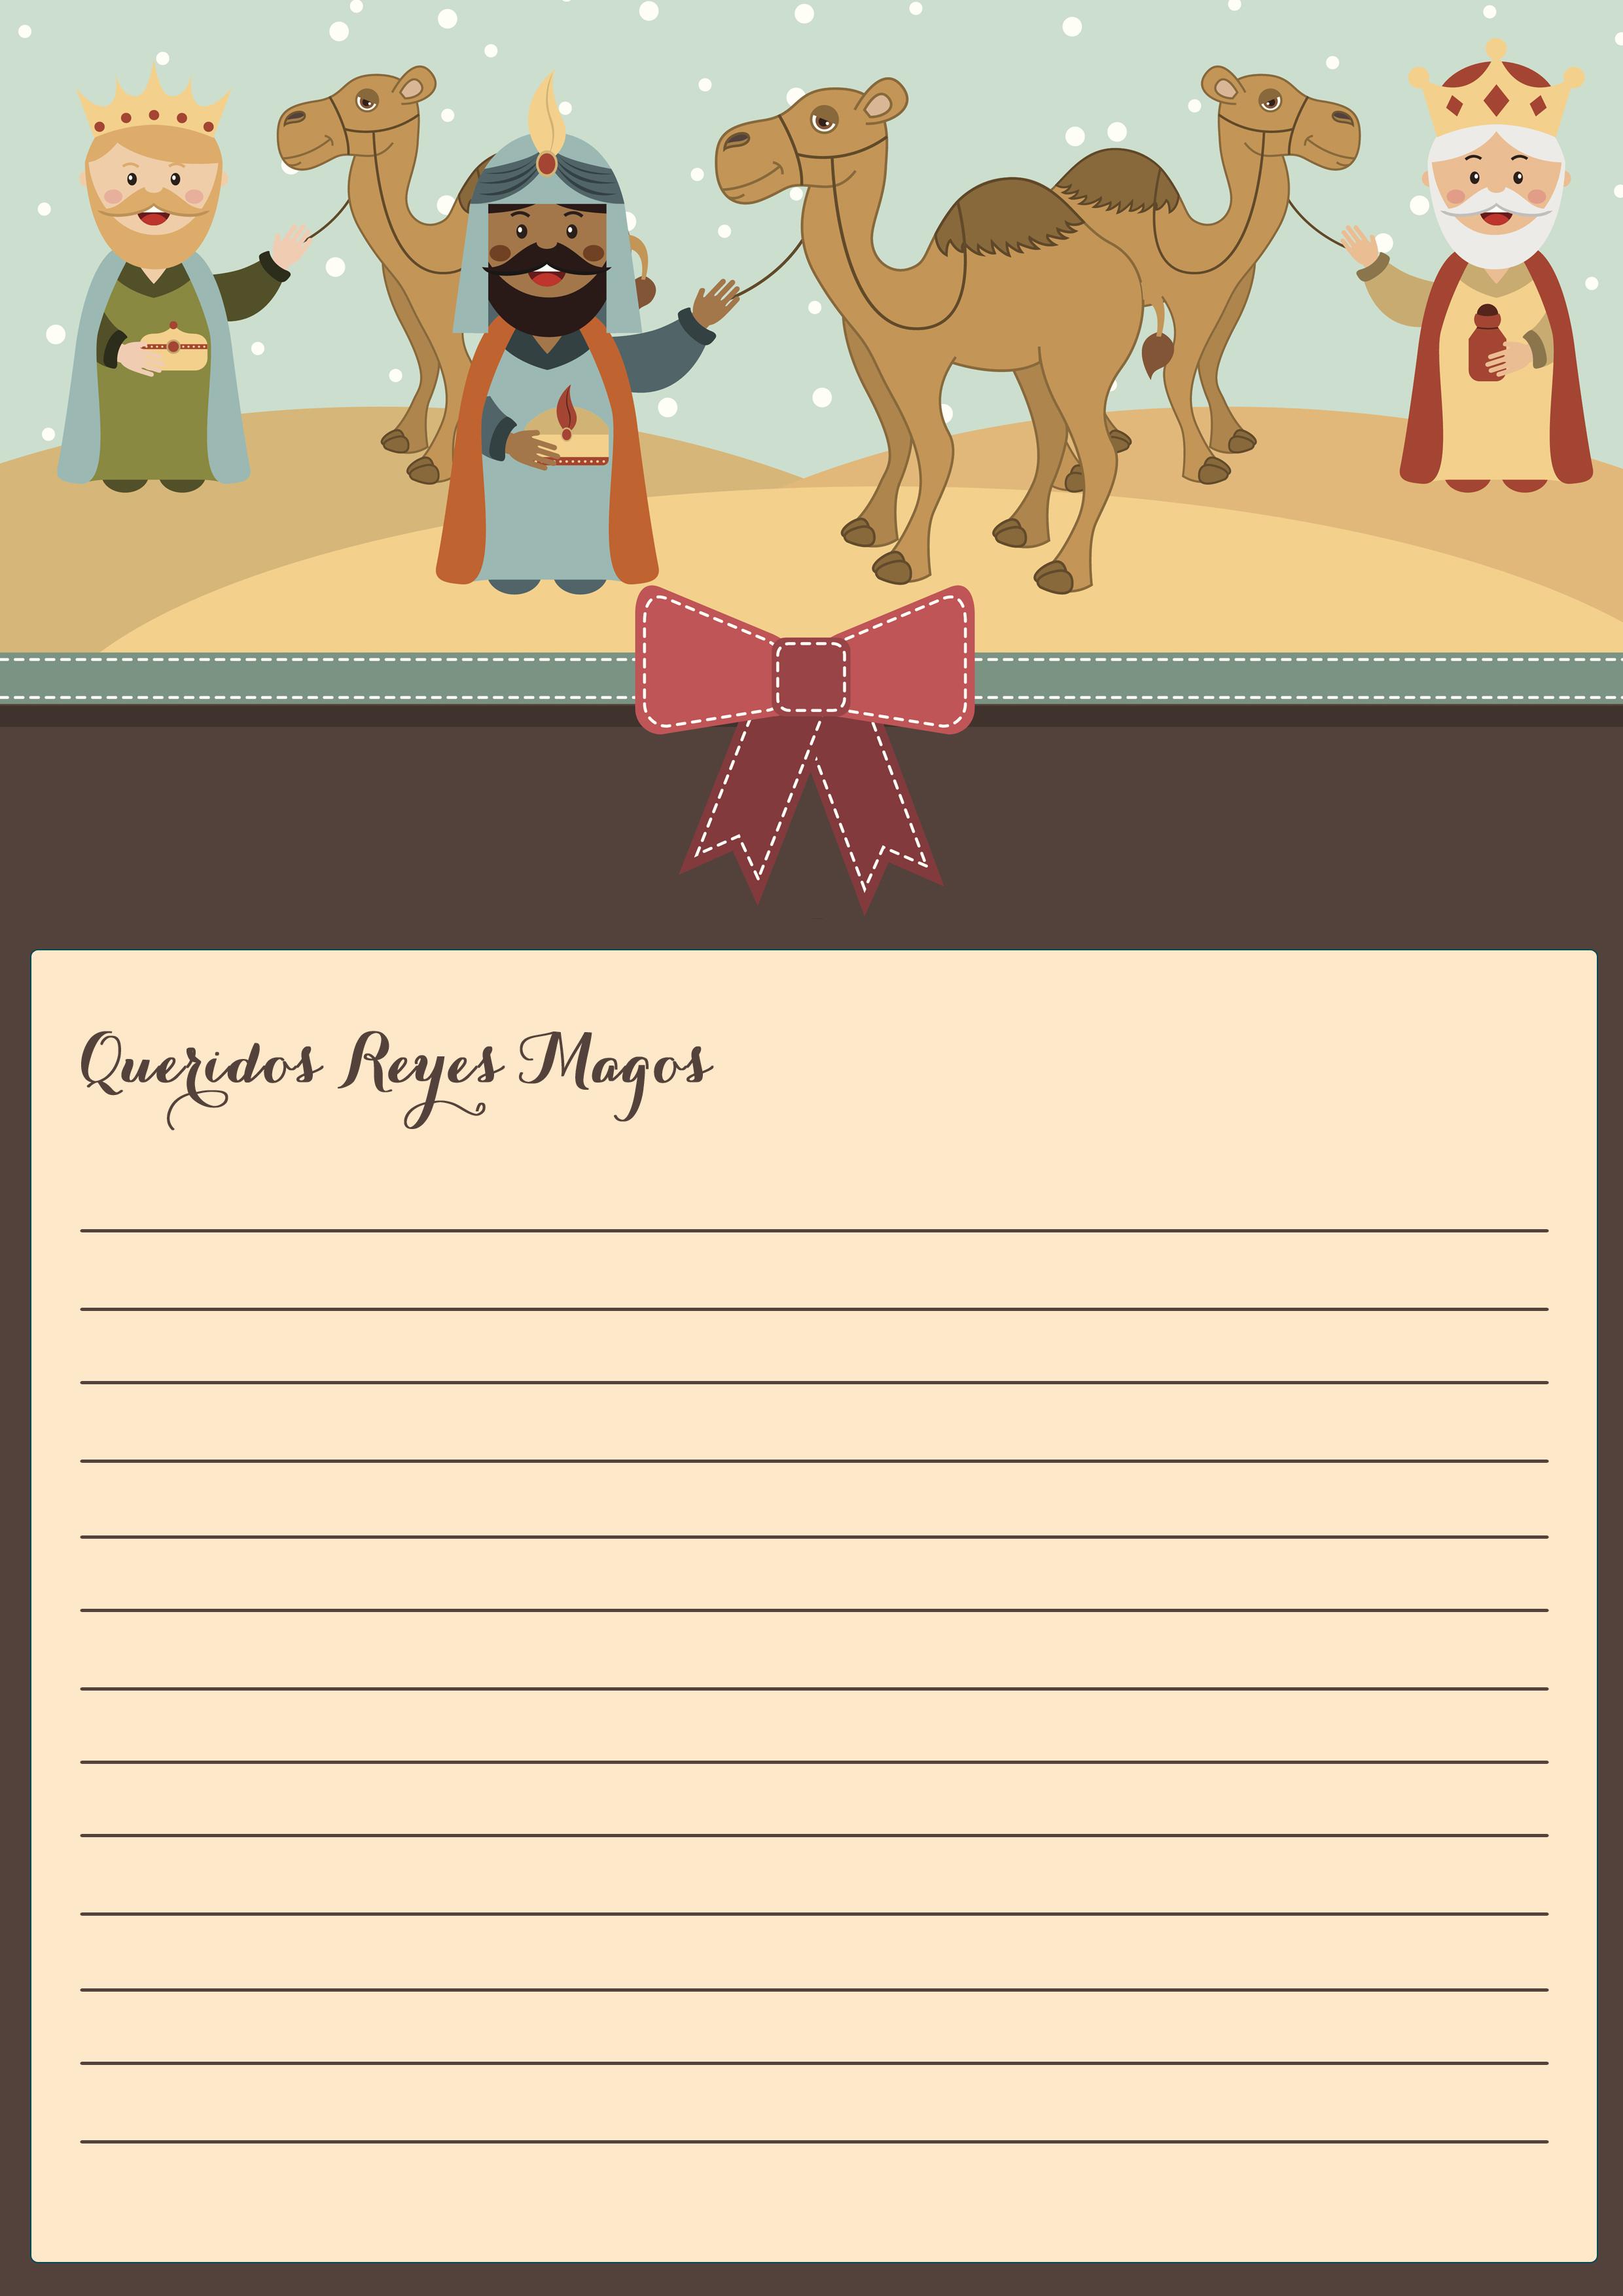 Dias De Reyes Magos Descargar plantilla carta reyes magos para imprimir y colorear